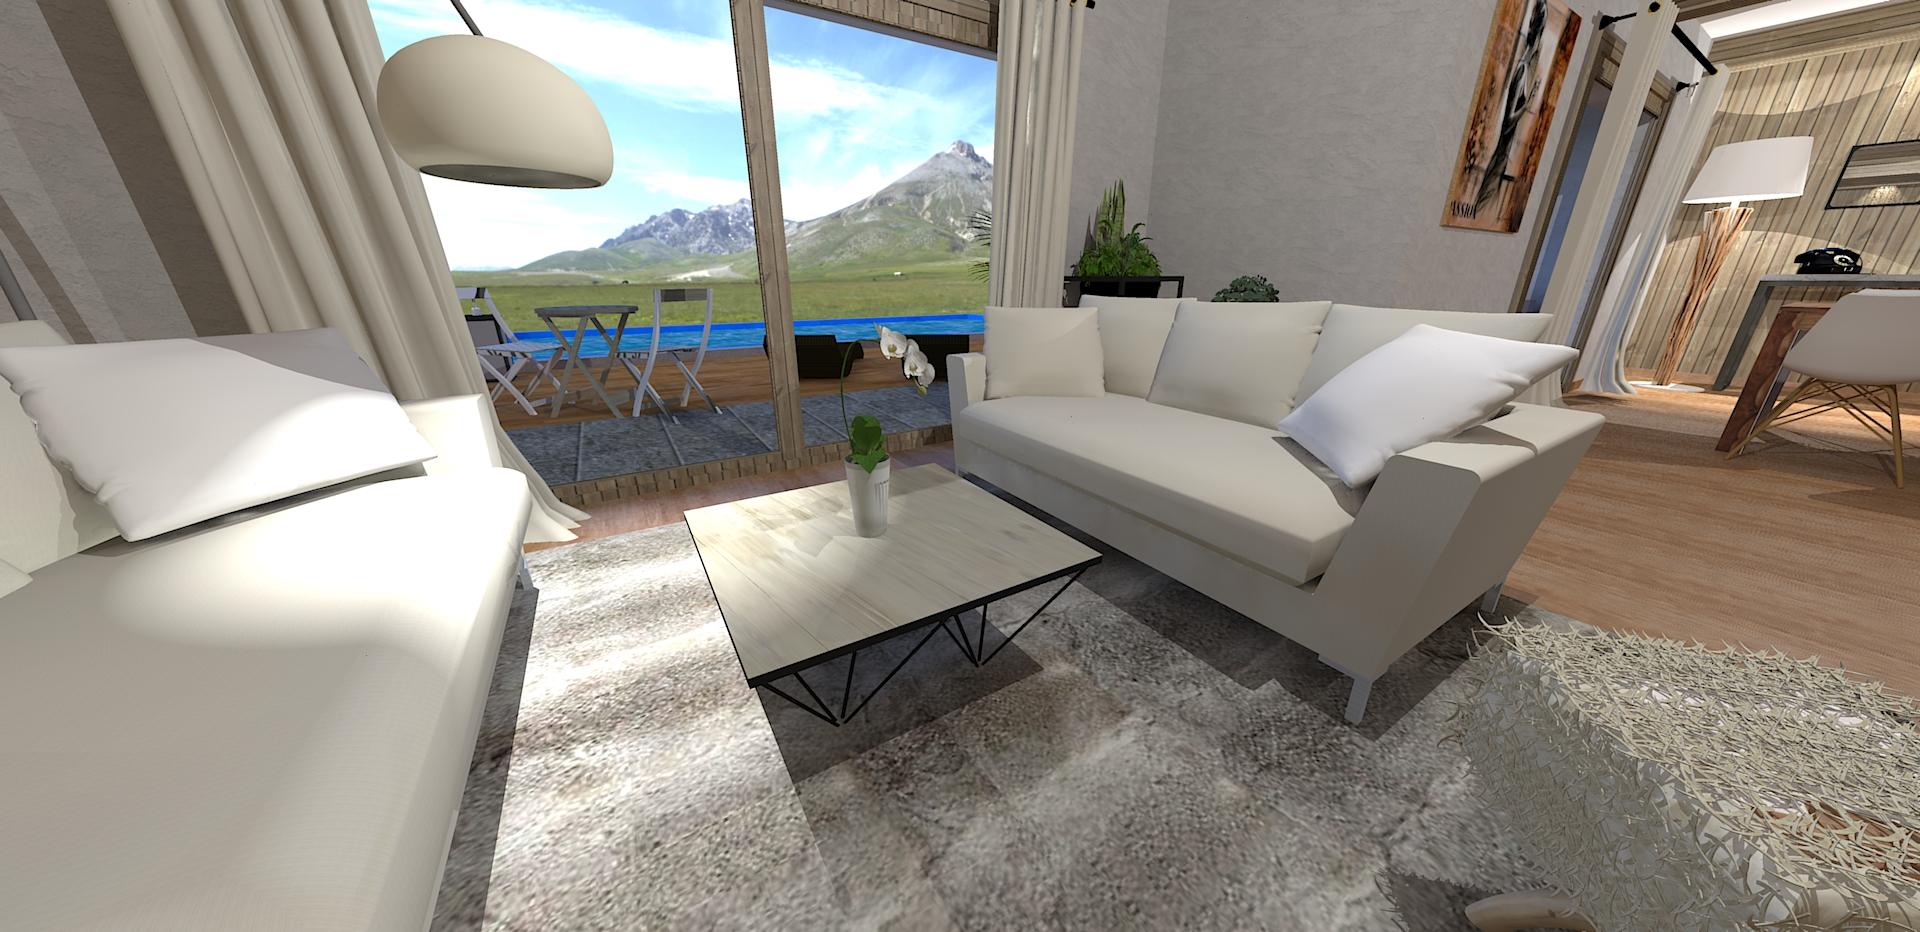 ambiance chalet f vrier 2016 aura projets d 39 int rieur. Black Bedroom Furniture Sets. Home Design Ideas